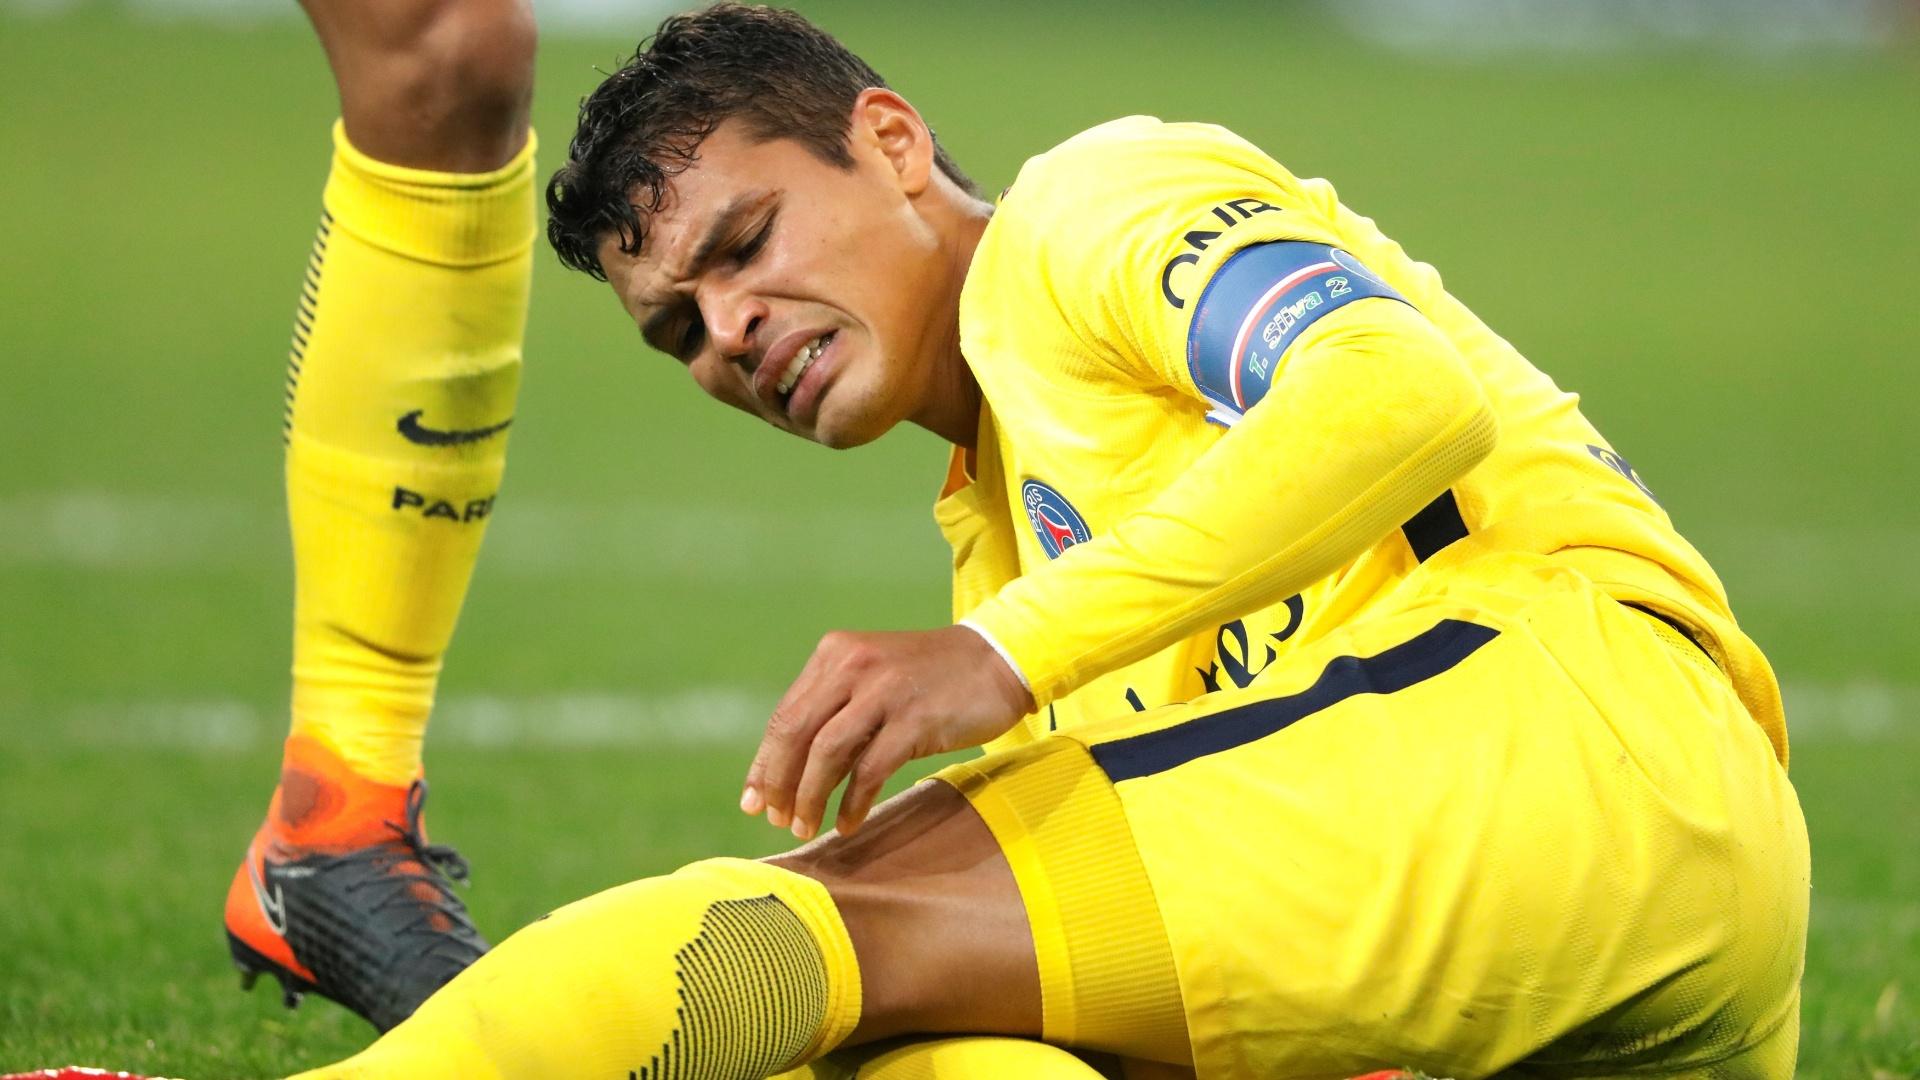 Thiago SIlva sentiu dores, mas continuou em campo na partida entre Lille e PSG